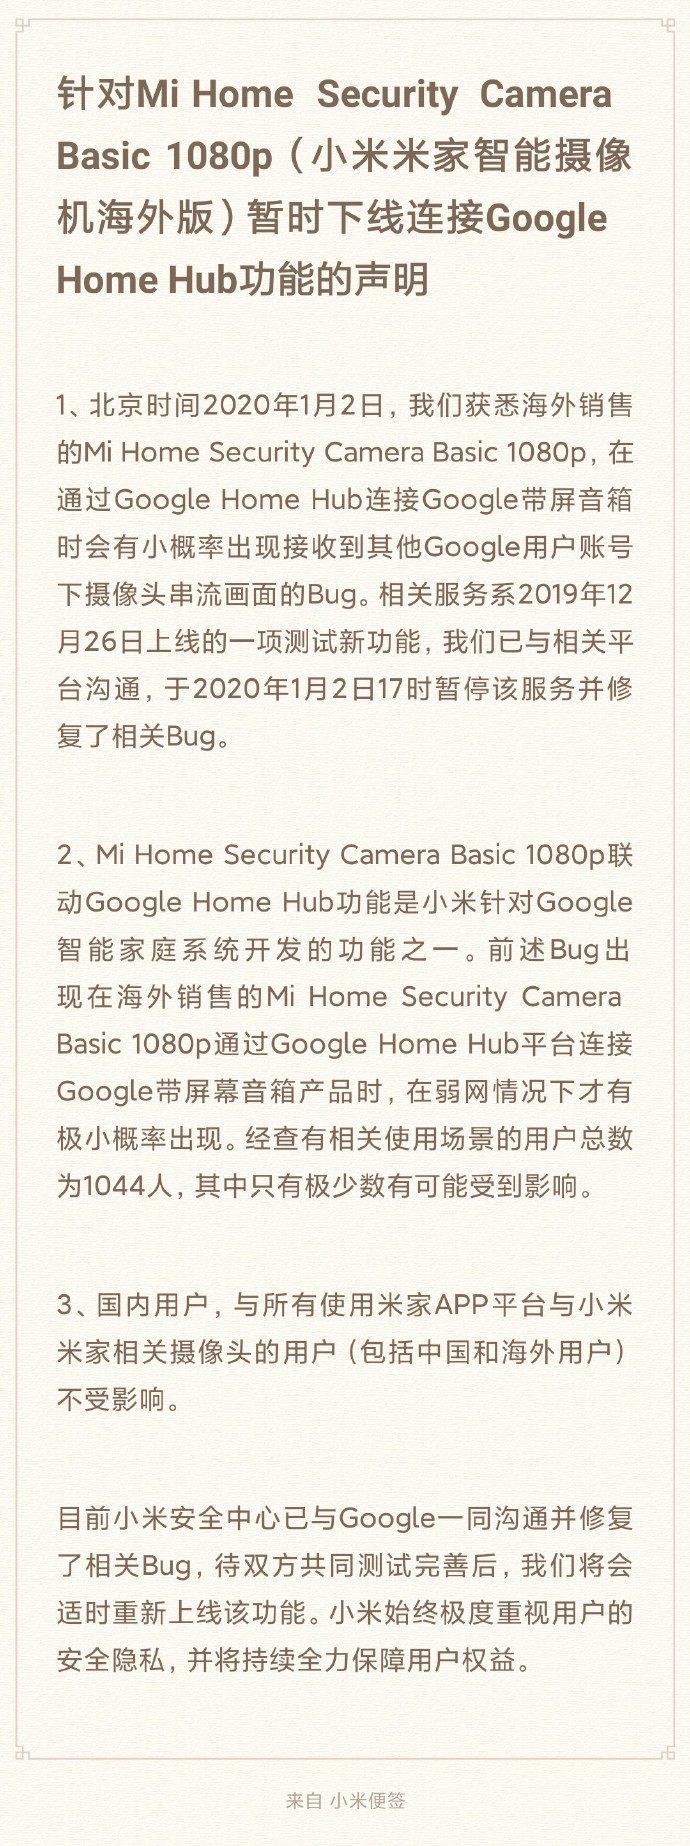 小米:米家智能摄像机海外版暂时下线连接谷歌